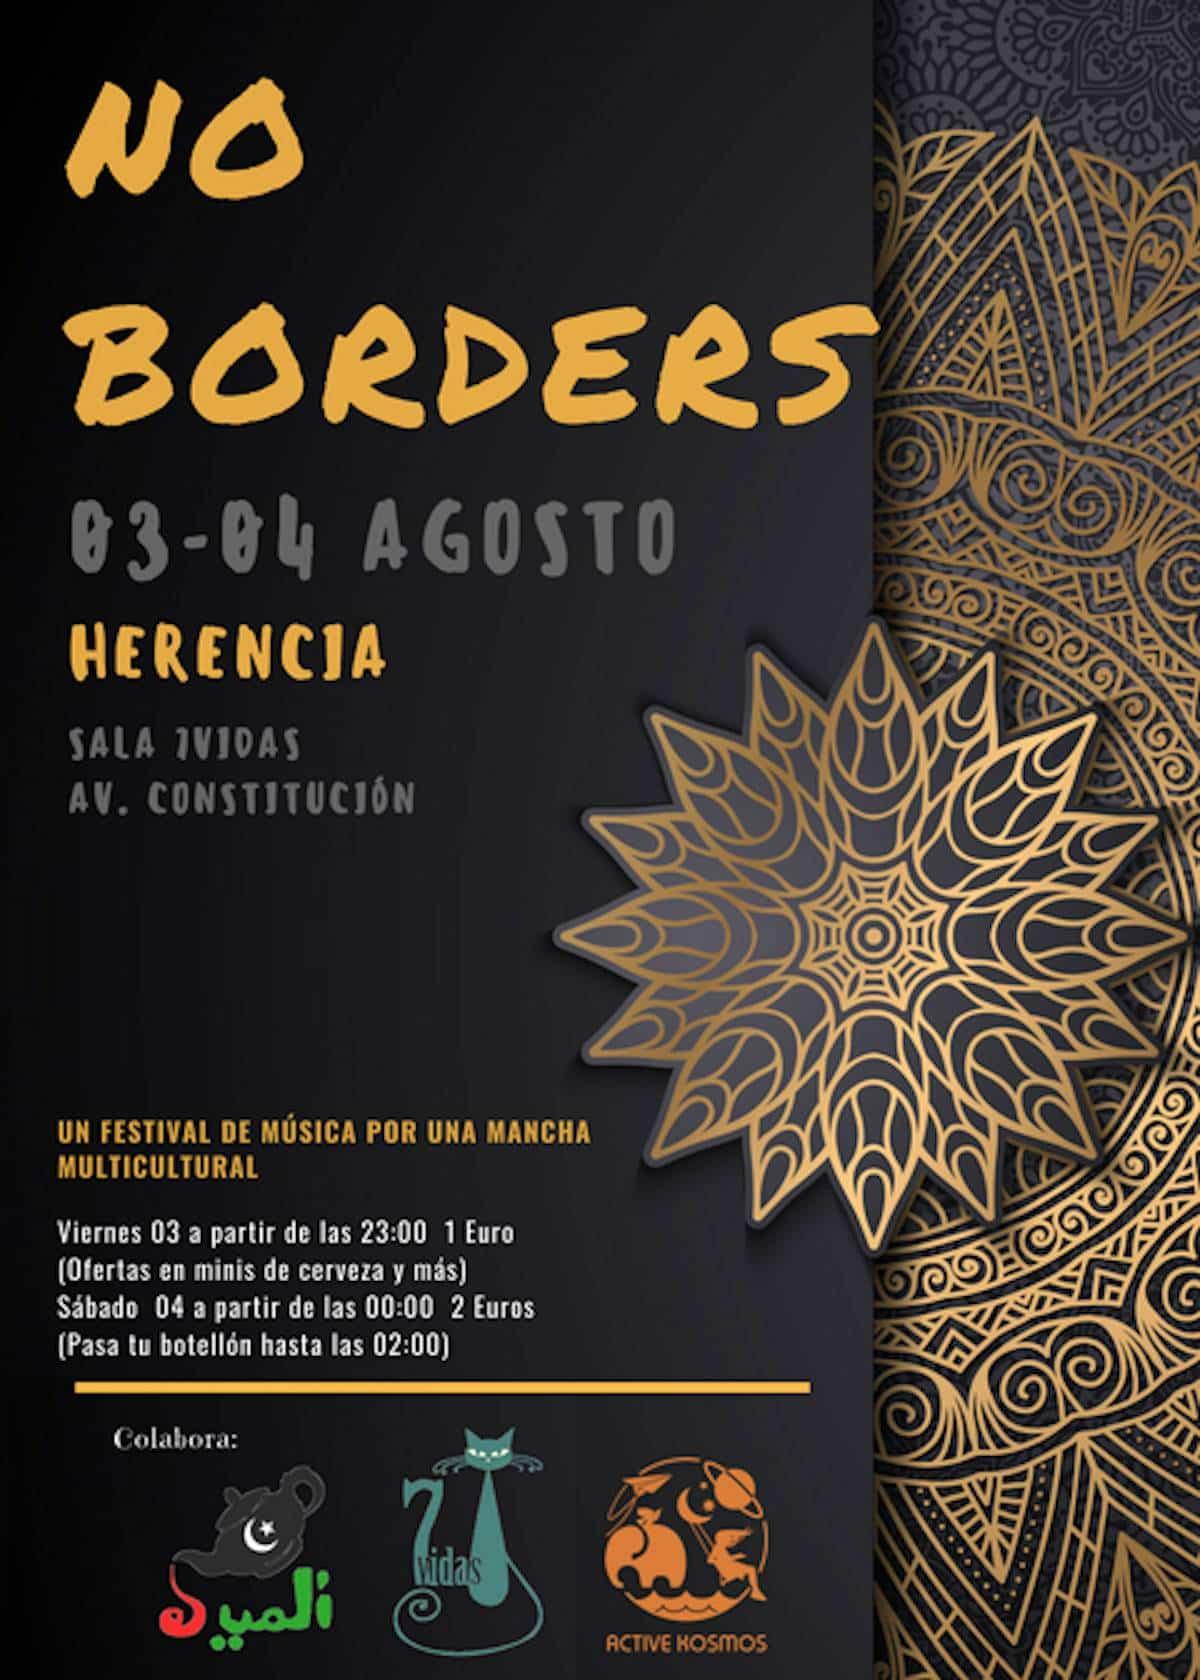 festival no borders herencia - Primera edición del Festival: ¡NO BORDERS! este fin de semana